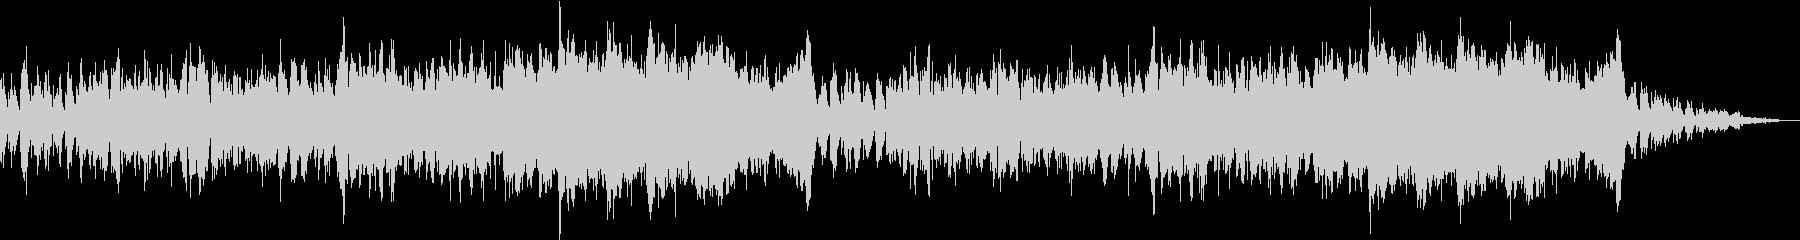 チュートリアル画面に適したオーケストラ曲の未再生の波形